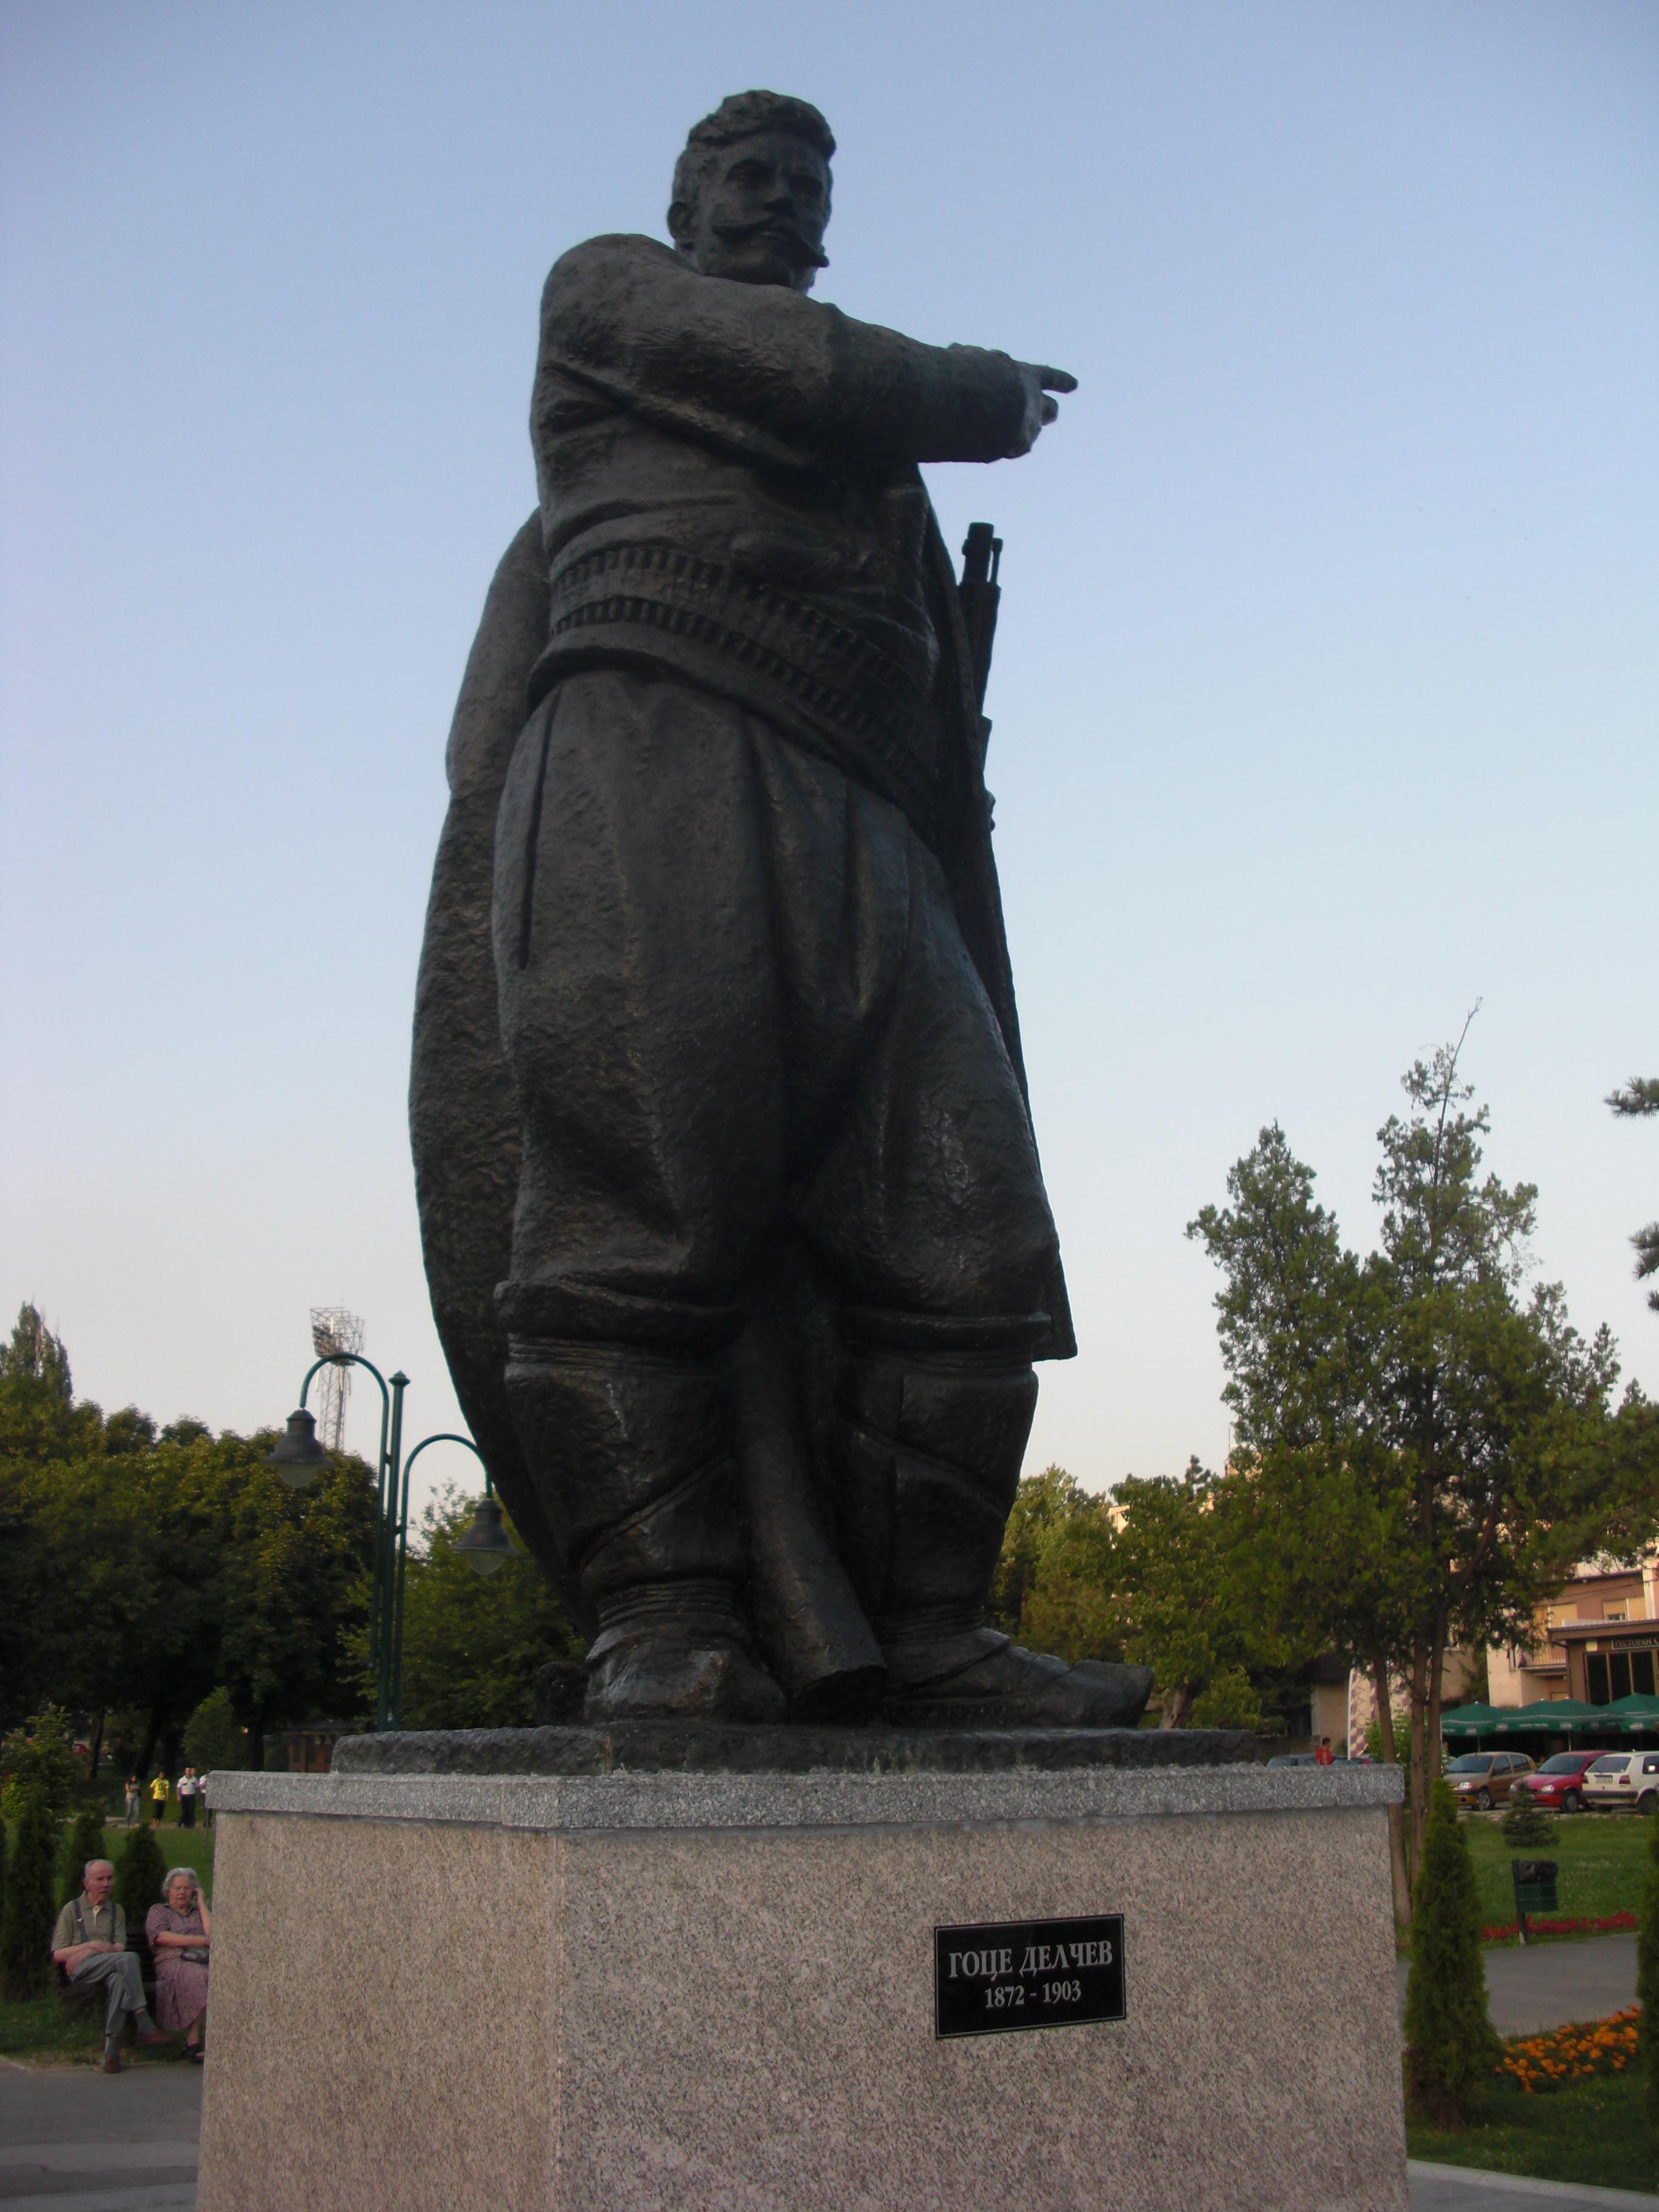 Spomenik Na Goce Delchev Gradski Park Skopјe Vikipediјa